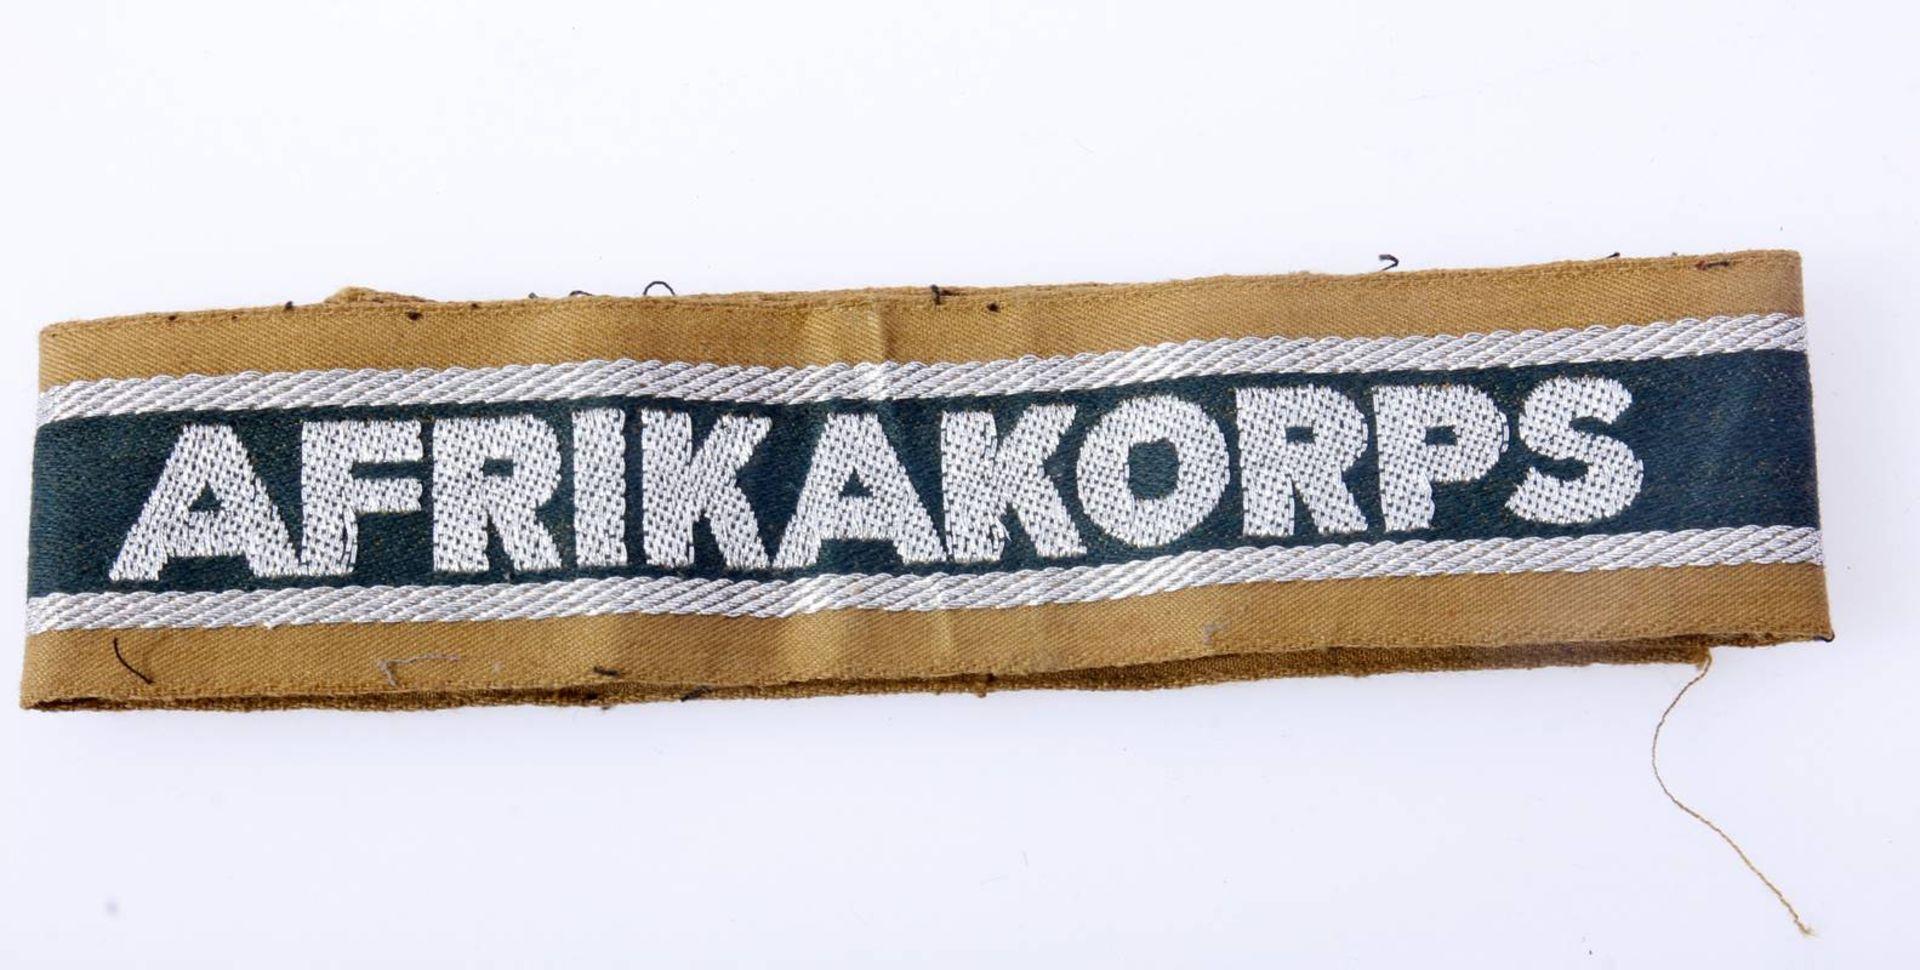 Ärmelstreifen Afrikakorps WehrmachtGetragener Ärmelstreifen von der Uniform abgetrennt. Band mit - Bild 3 aus 3